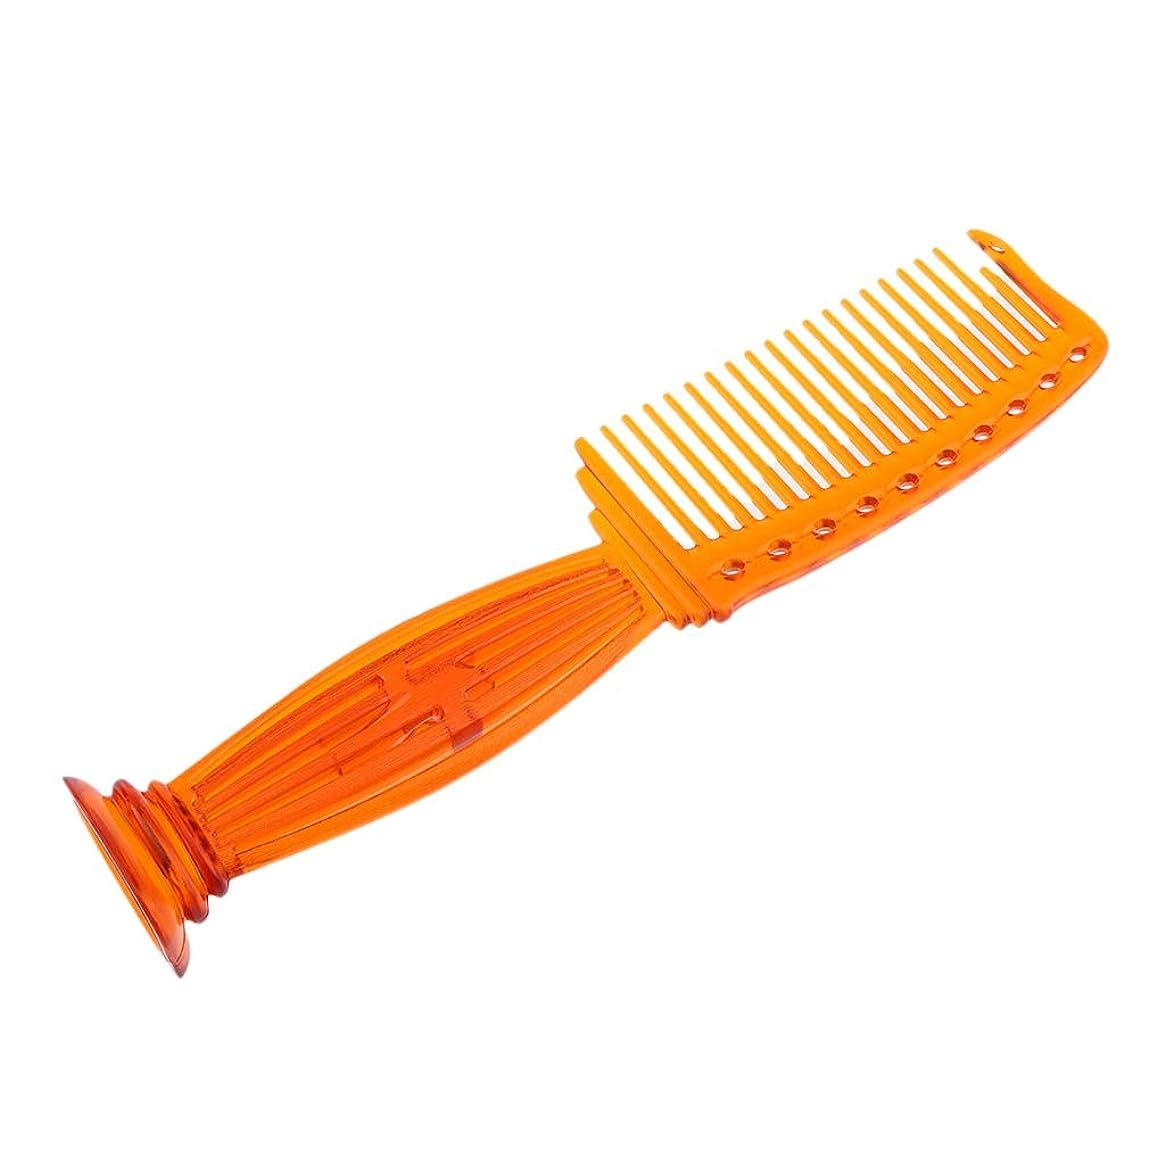 アレンジアサー贈り物CUTICATE ヘアコーム ヘアブラシ プラスチック櫛 ワイド歯 プロ ヘアサロン 理髪師 全5色選べ - オレンジ